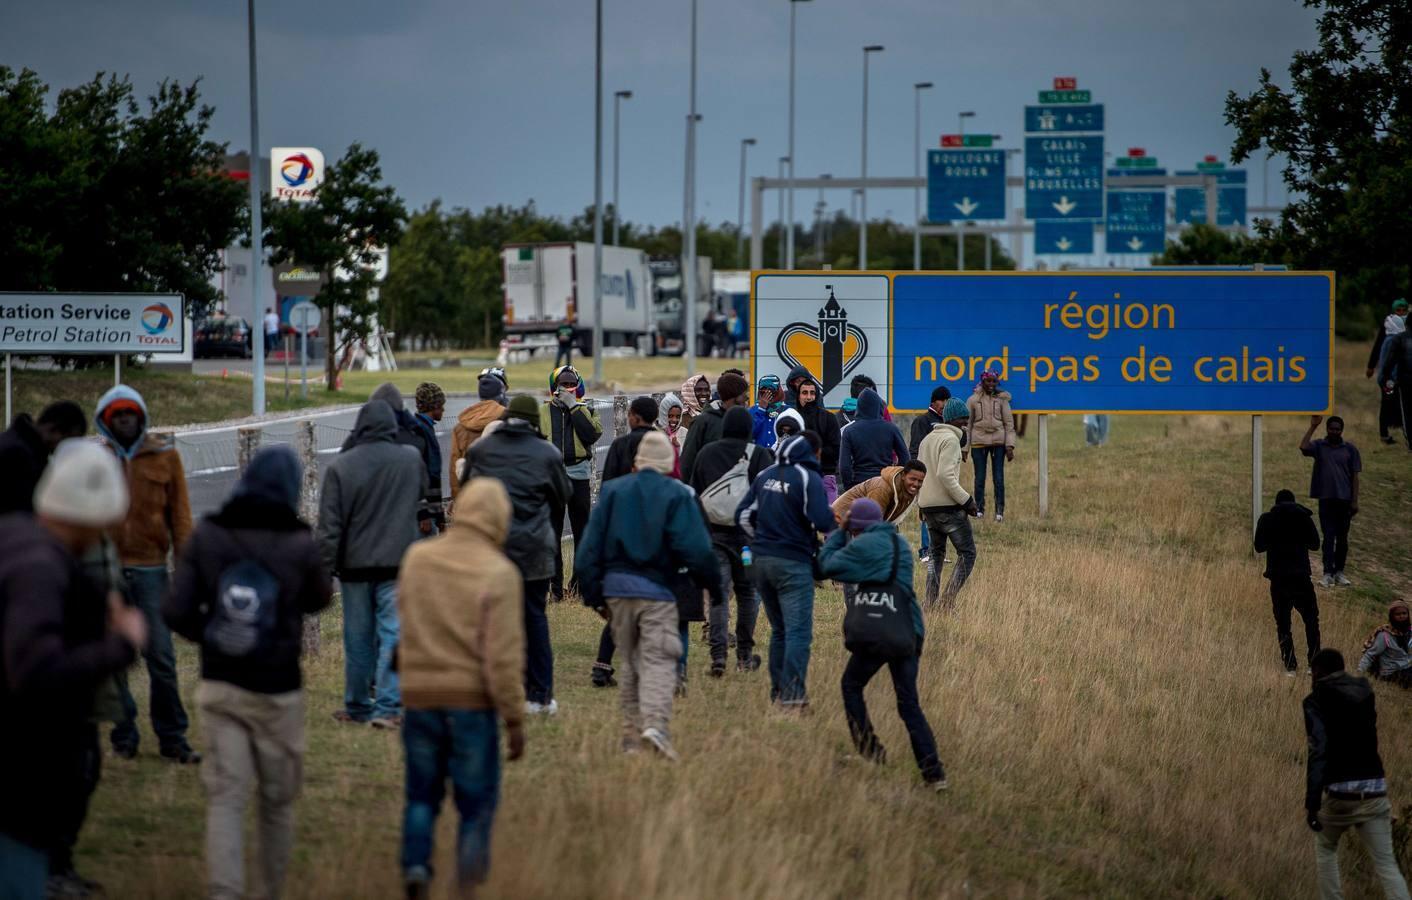 Las imágenes de los últimos asaltos de inmigrantes al Eurotúnel